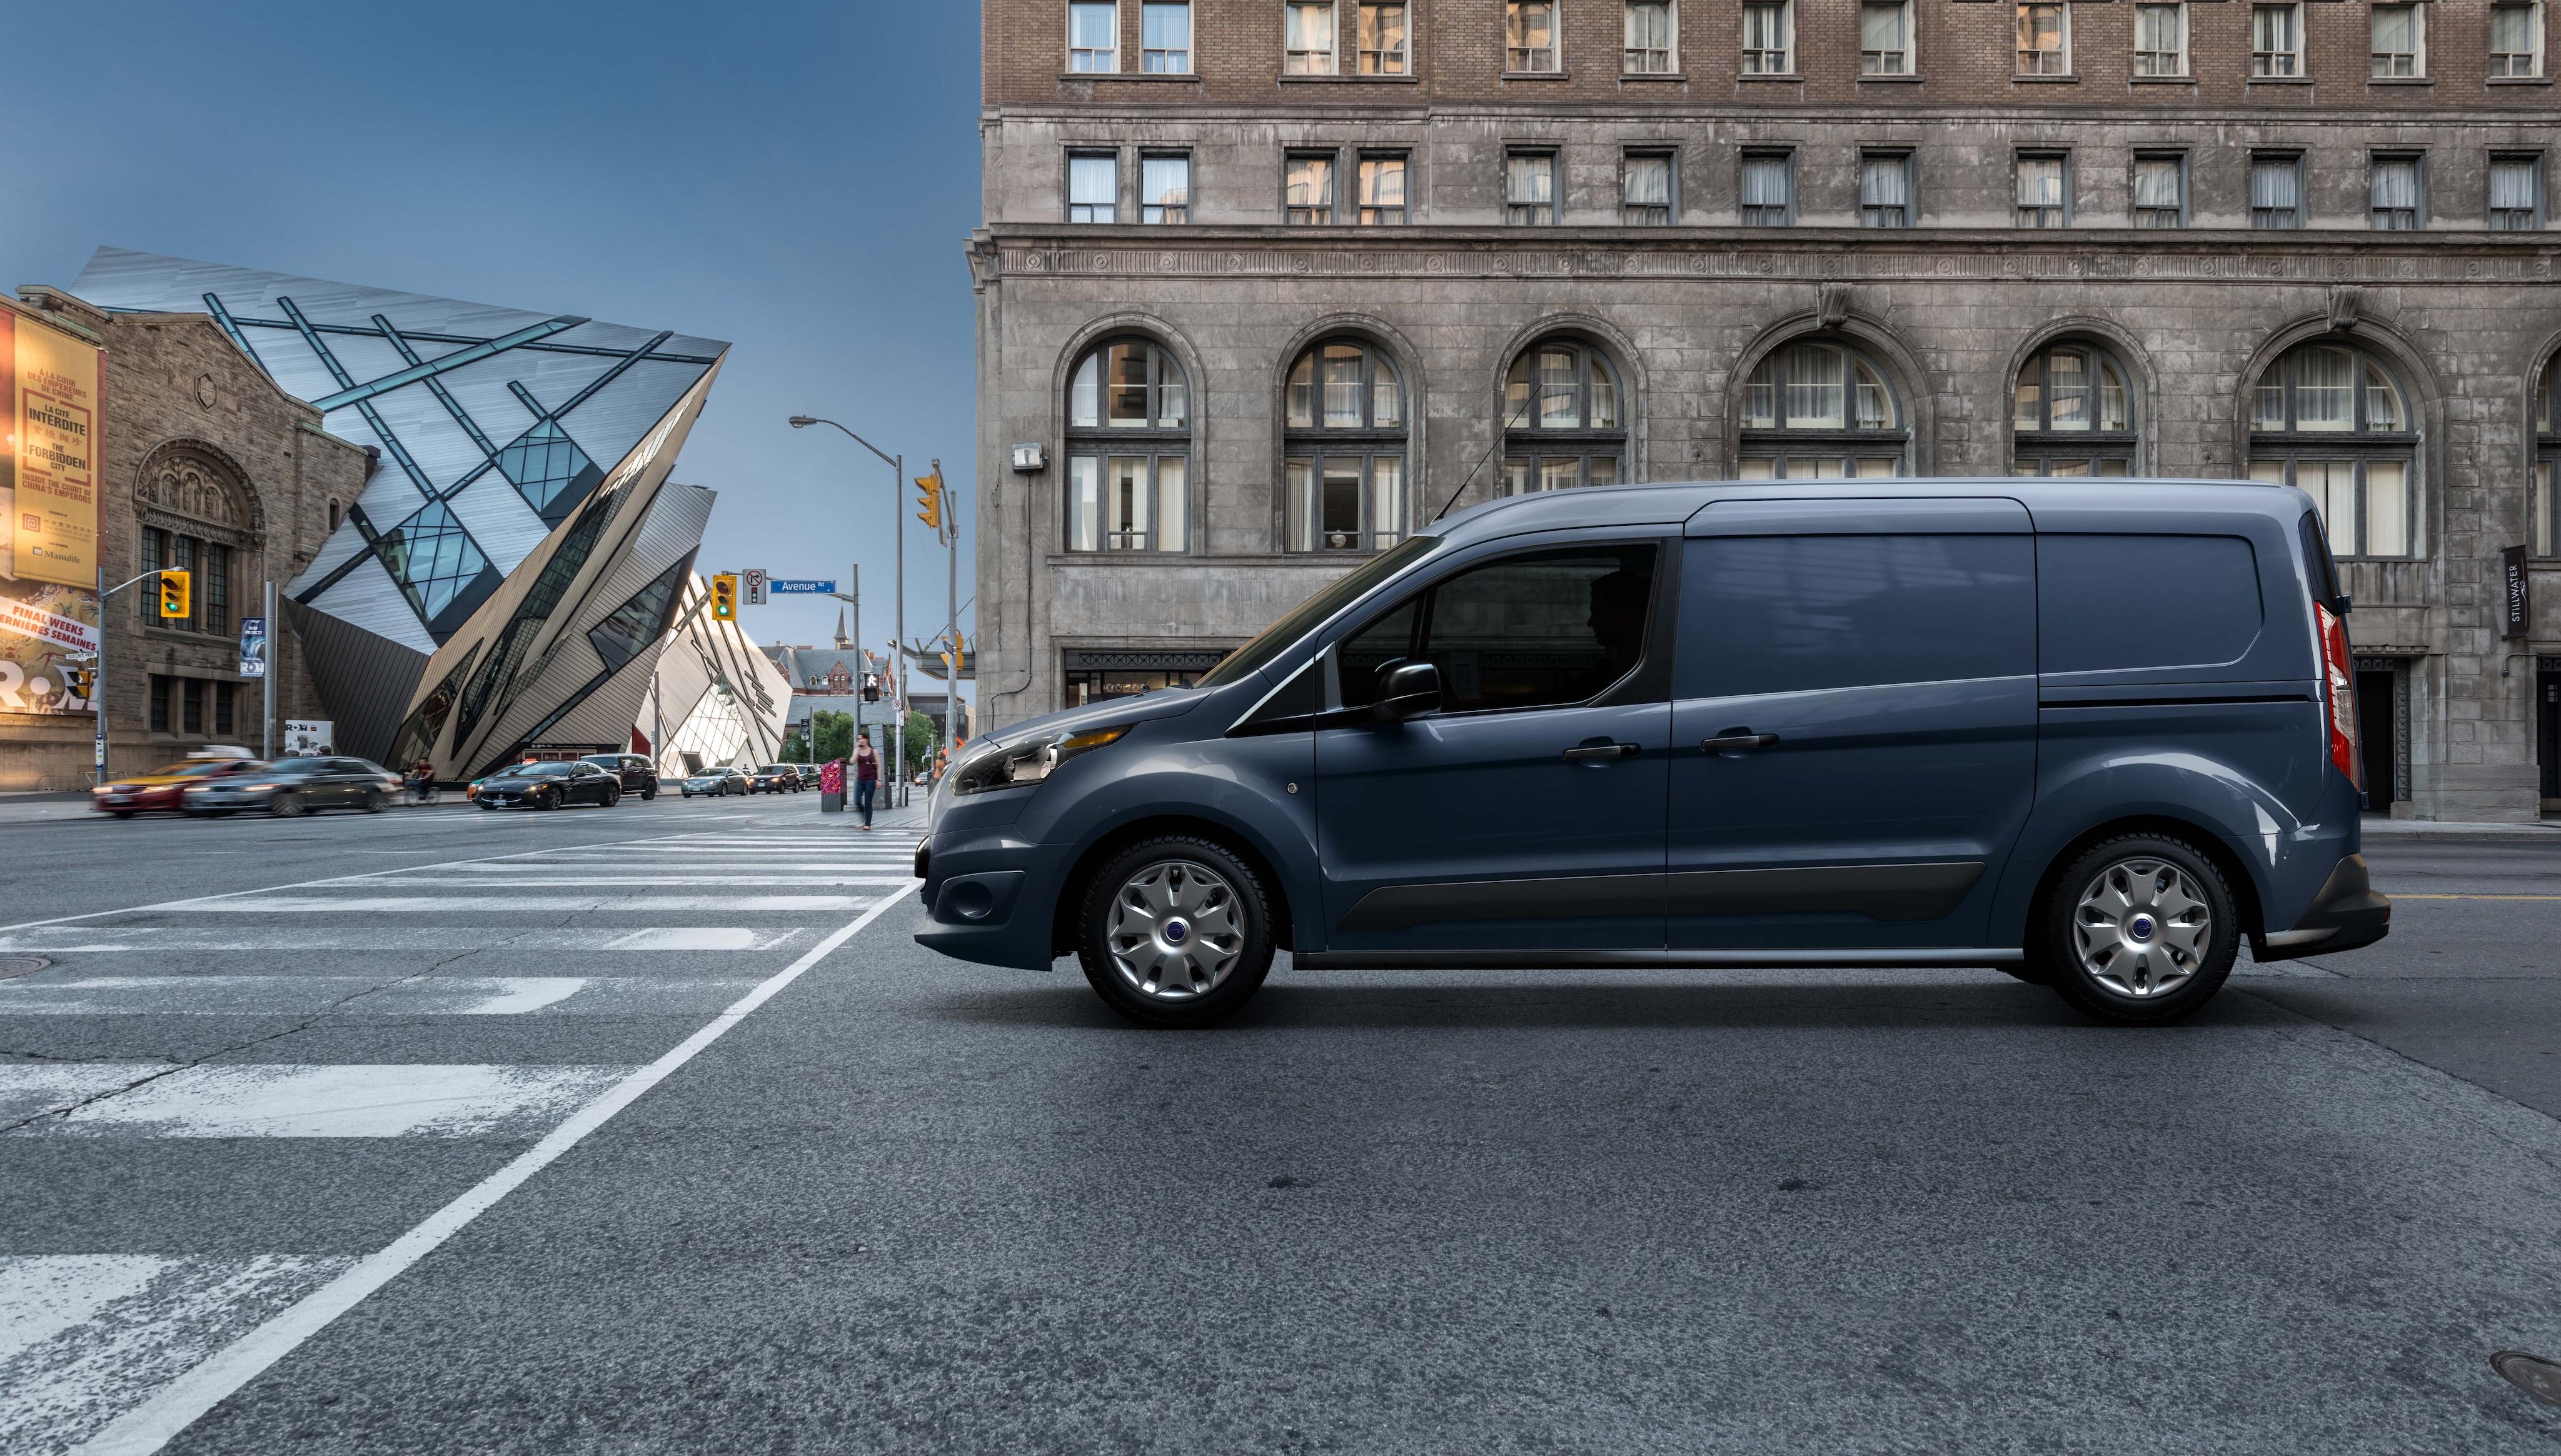 Borgman Ford Mazda New Ford Mazda Dealership In Grand Rapids - Ford mazda dealership